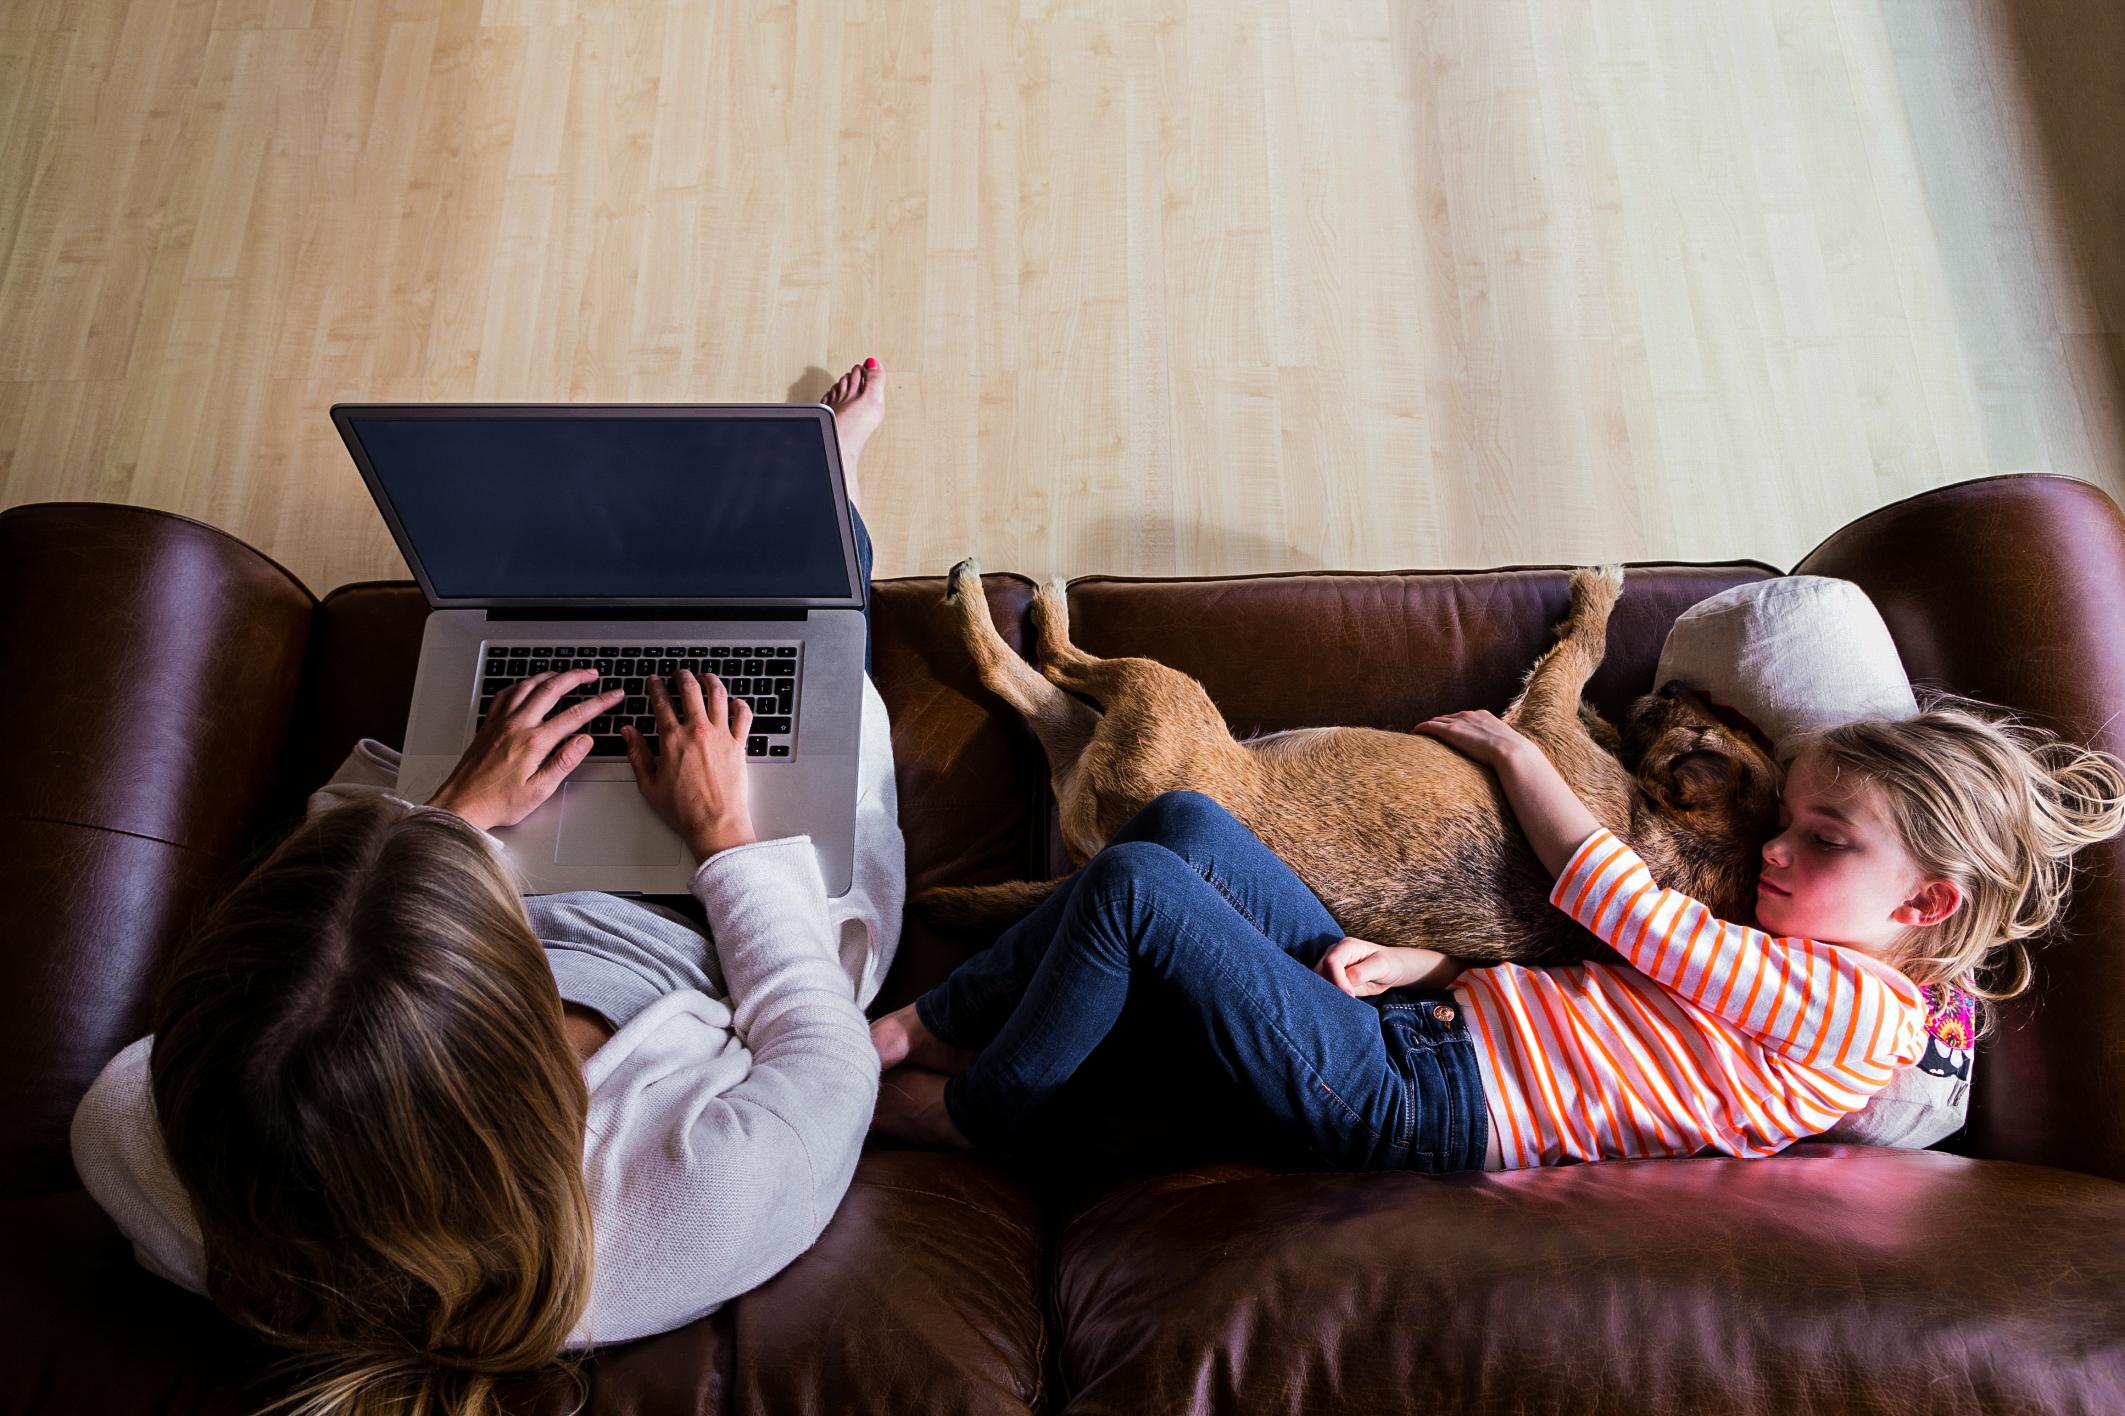 Vláda chce sešněrovat práci z domova. Doplatí na to hlavně matky s malými dětmi